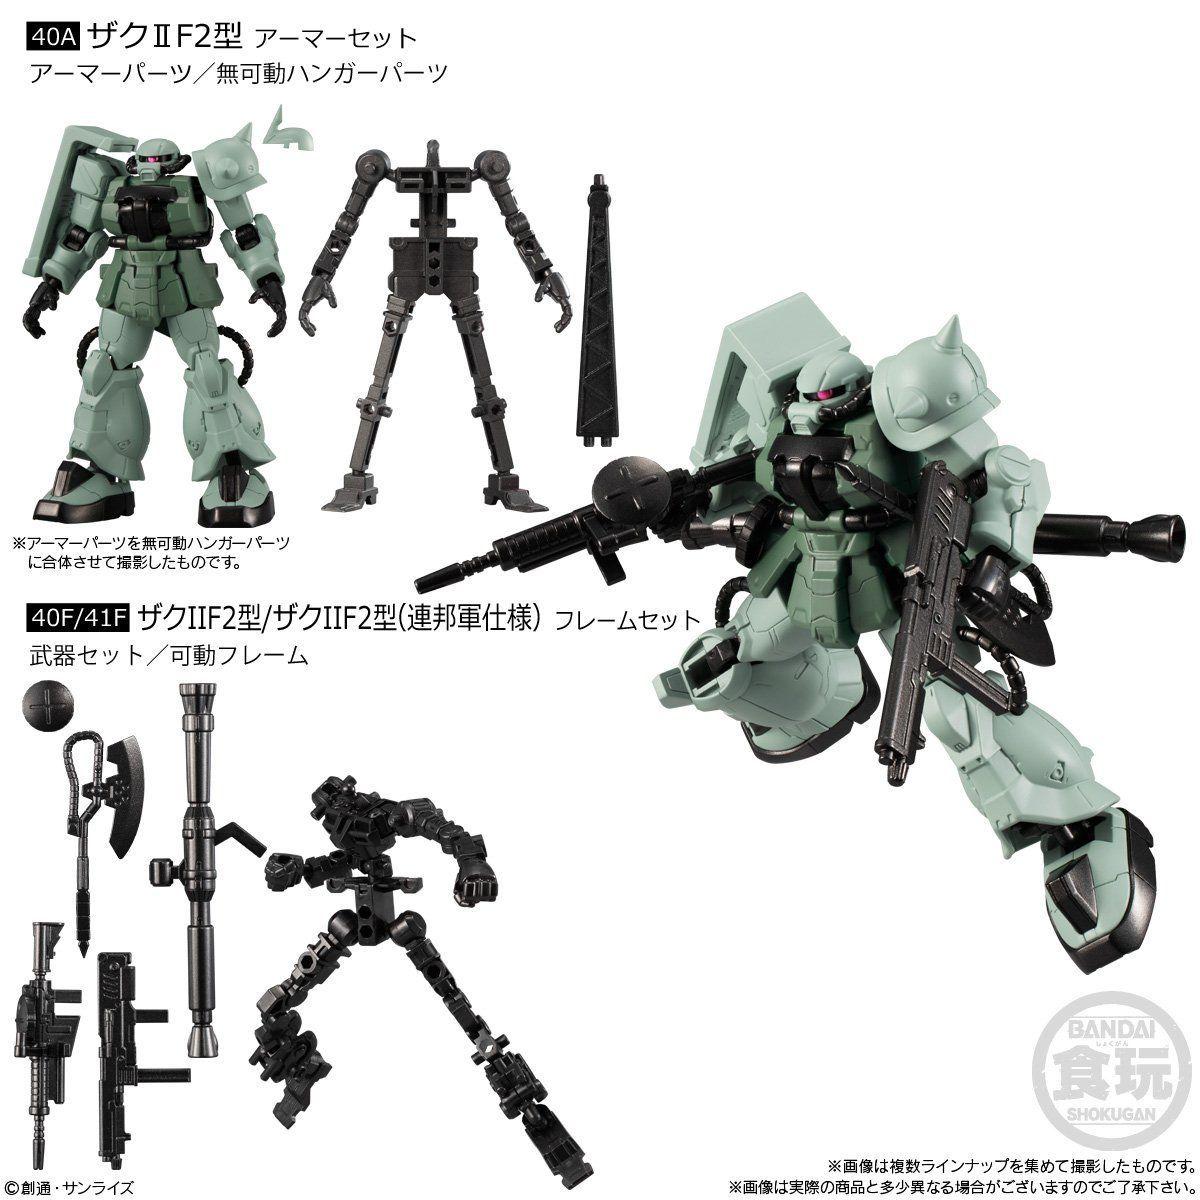 【食玩】機動戦士ガンダム『Gフレーム13』可動フィギュア 10個入りBOX-004